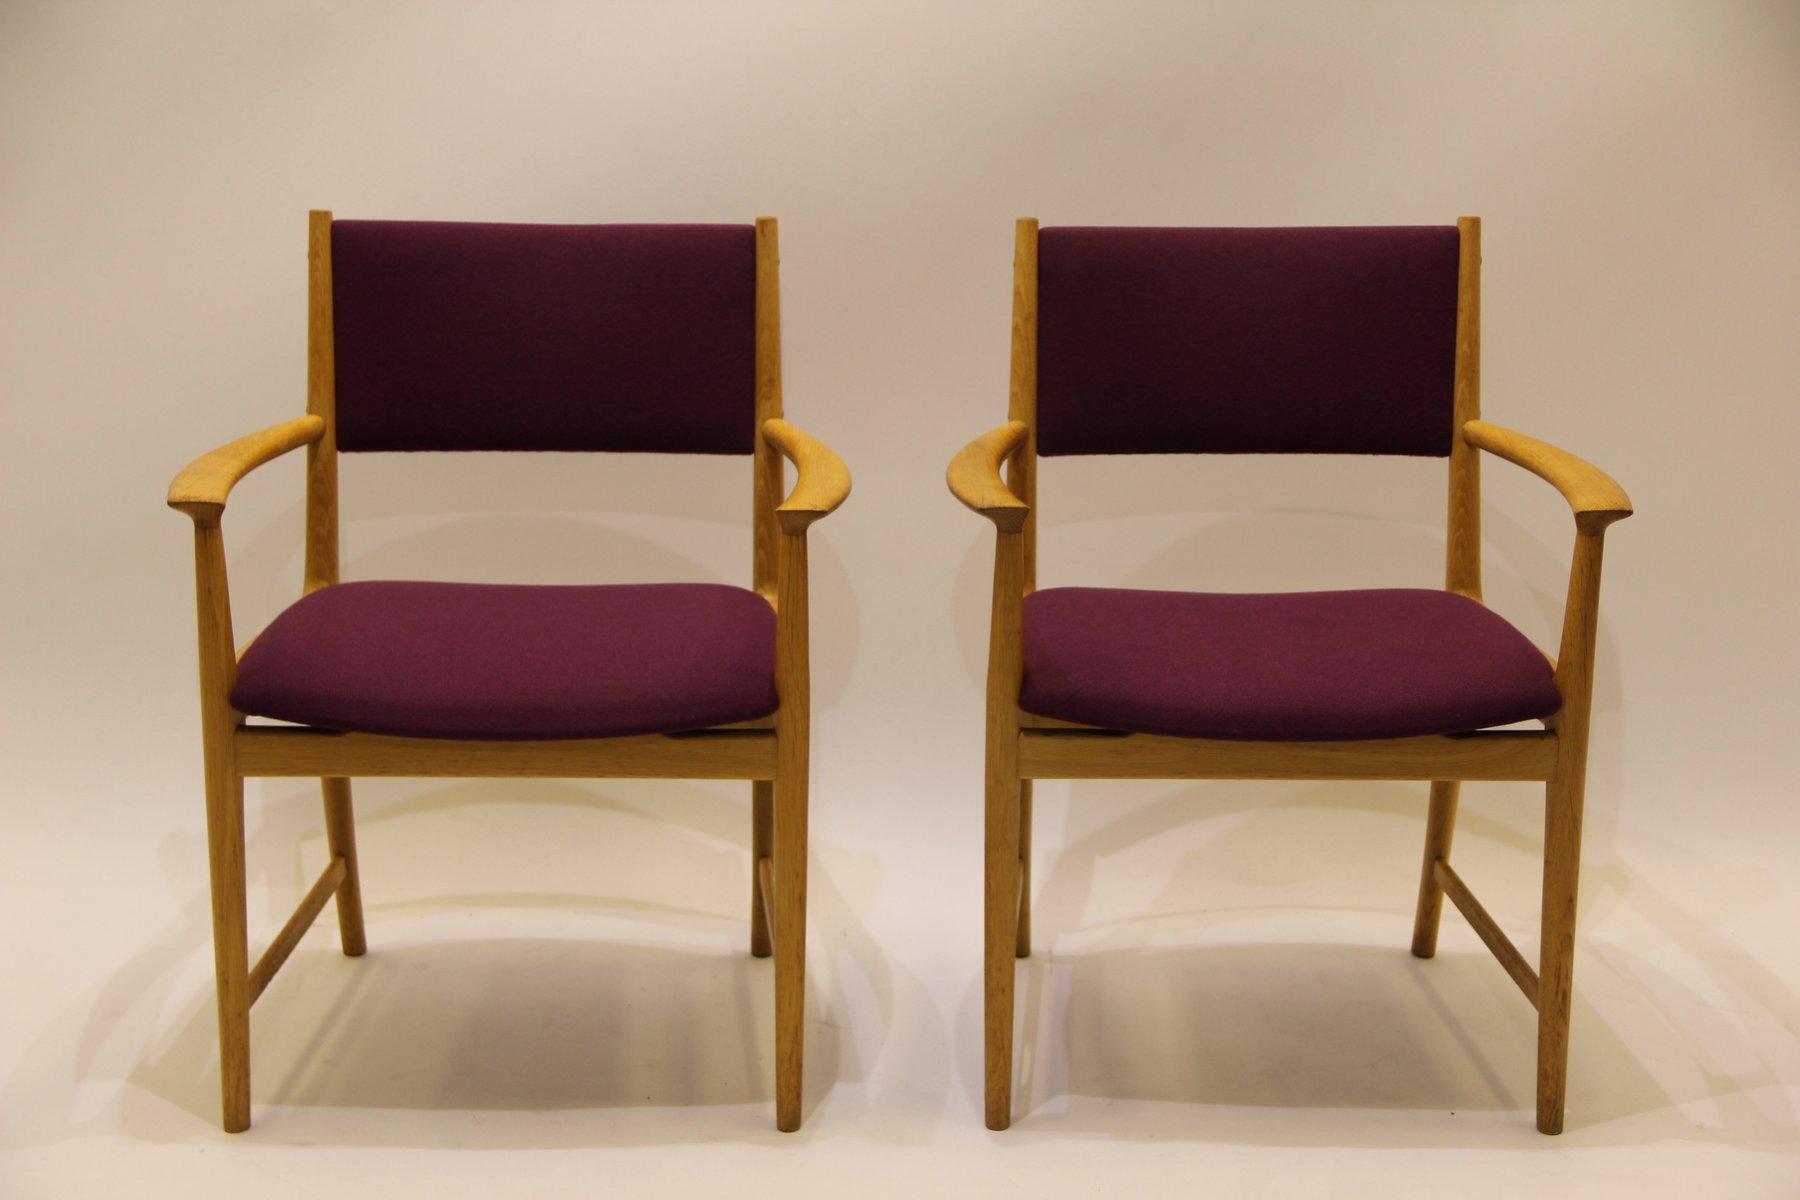 d nischer mid century stuhl aus eschenholz von kai. Black Bedroom Furniture Sets. Home Design Ideas